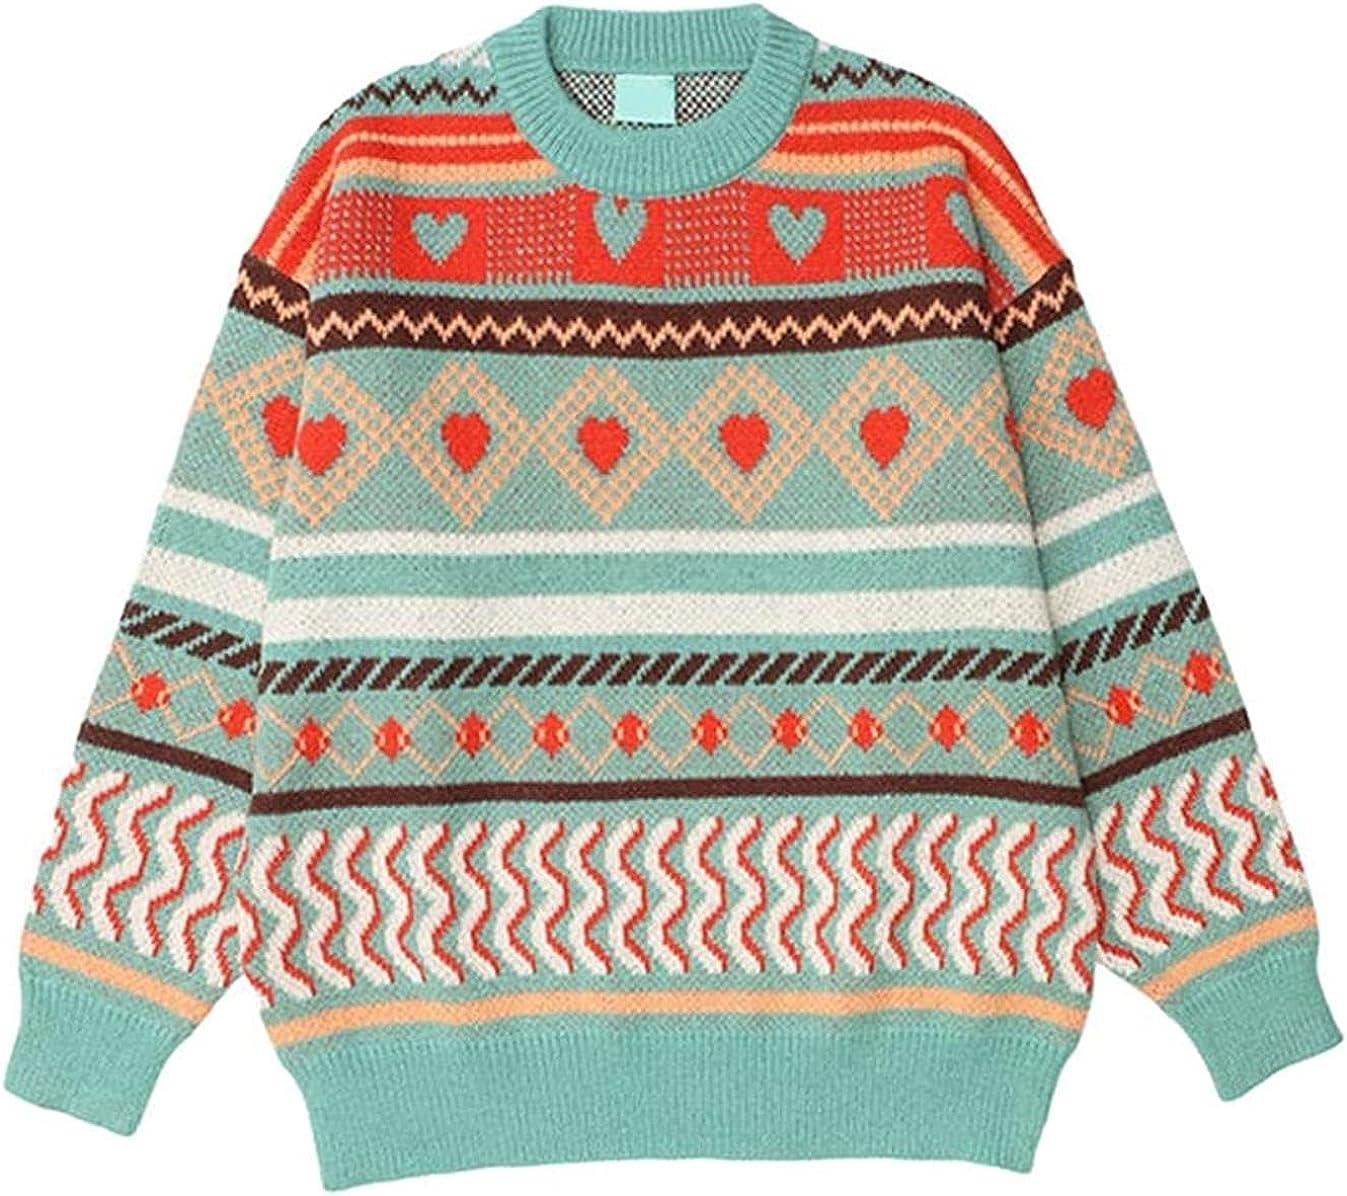 JOAOL Geometric Knitwear Men Women Sweaters Round Neck Pullover Sweater Lovers Clothing